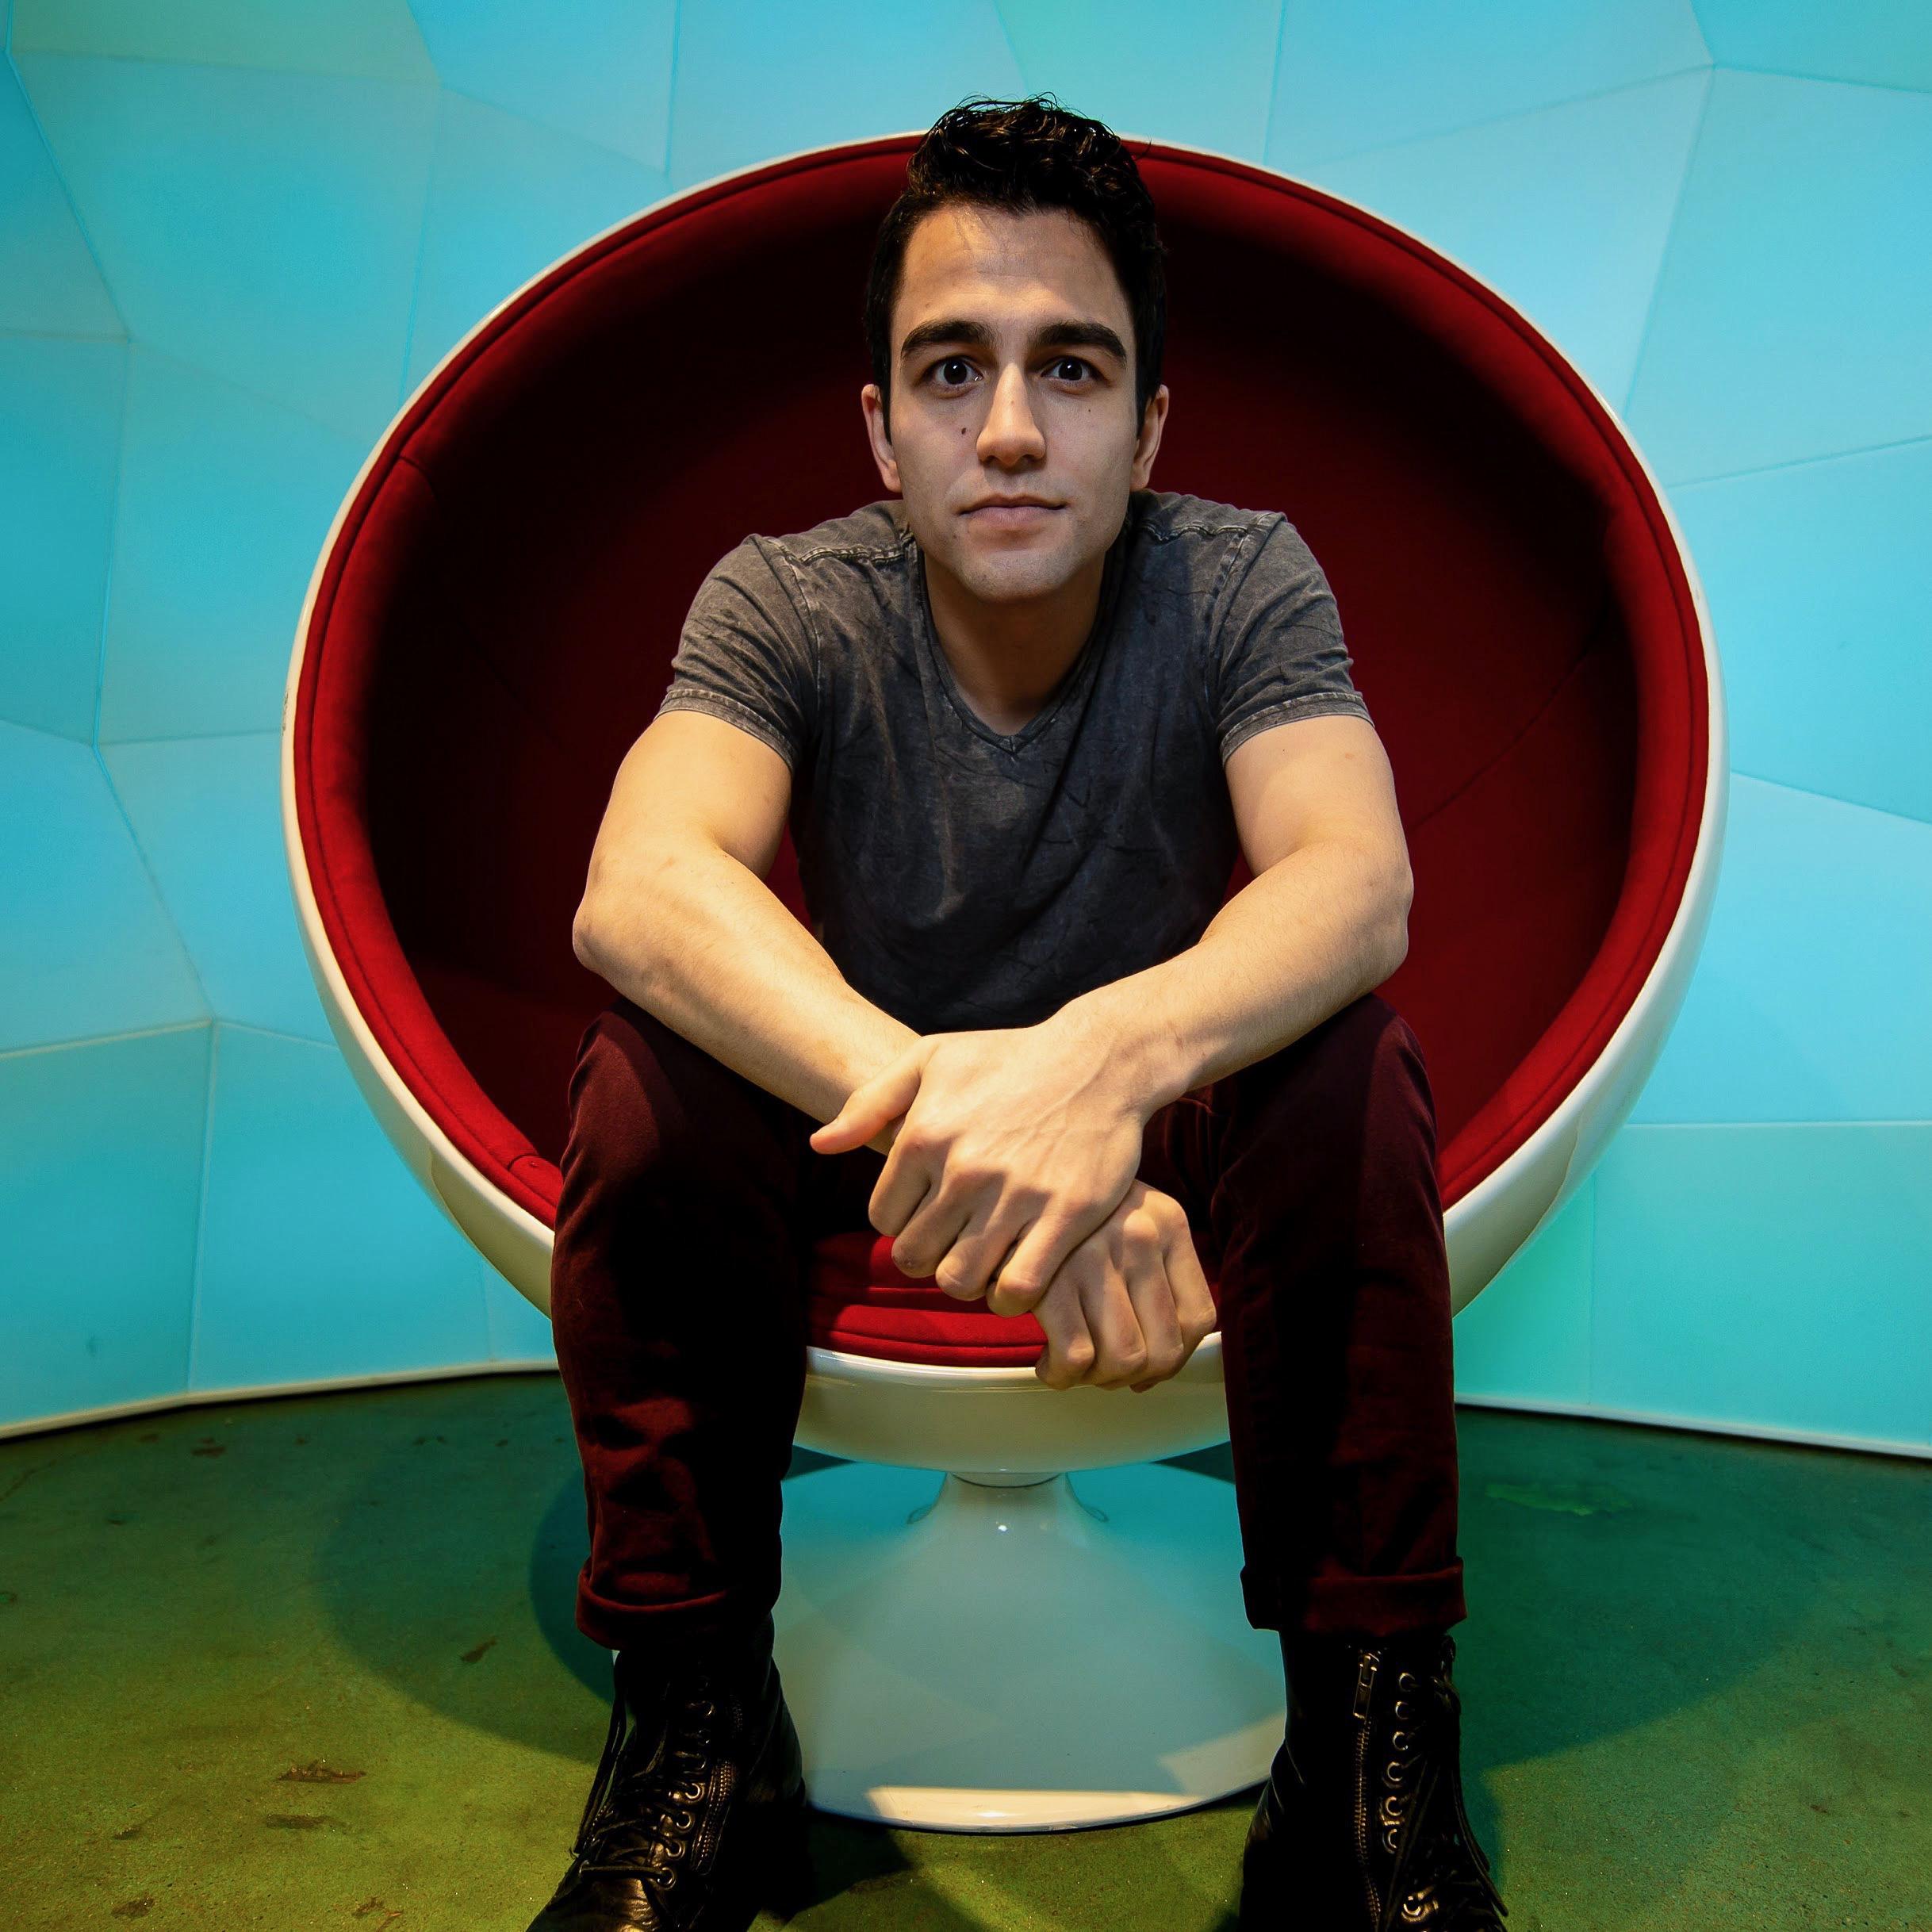 Ollie red chair.JPG